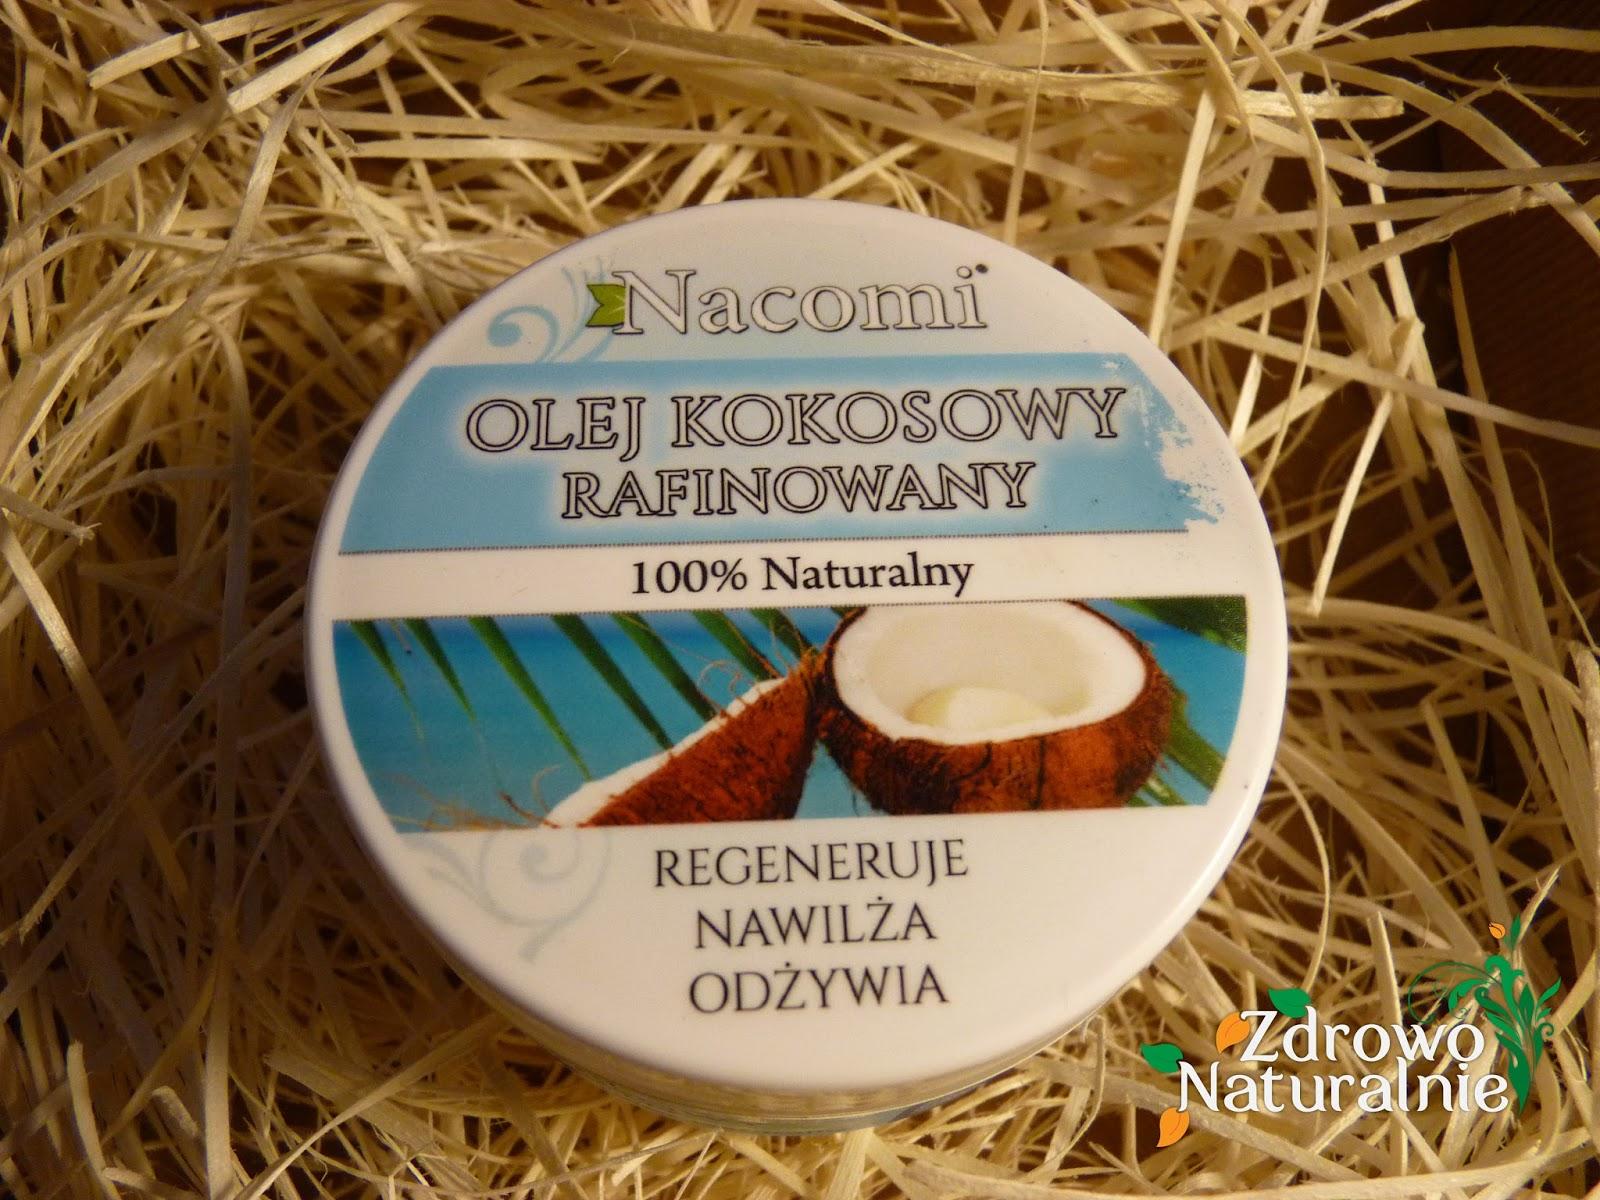 Nacomi - Olej kokosowy Rafinowany oraz Czyste 100% Masło Shea